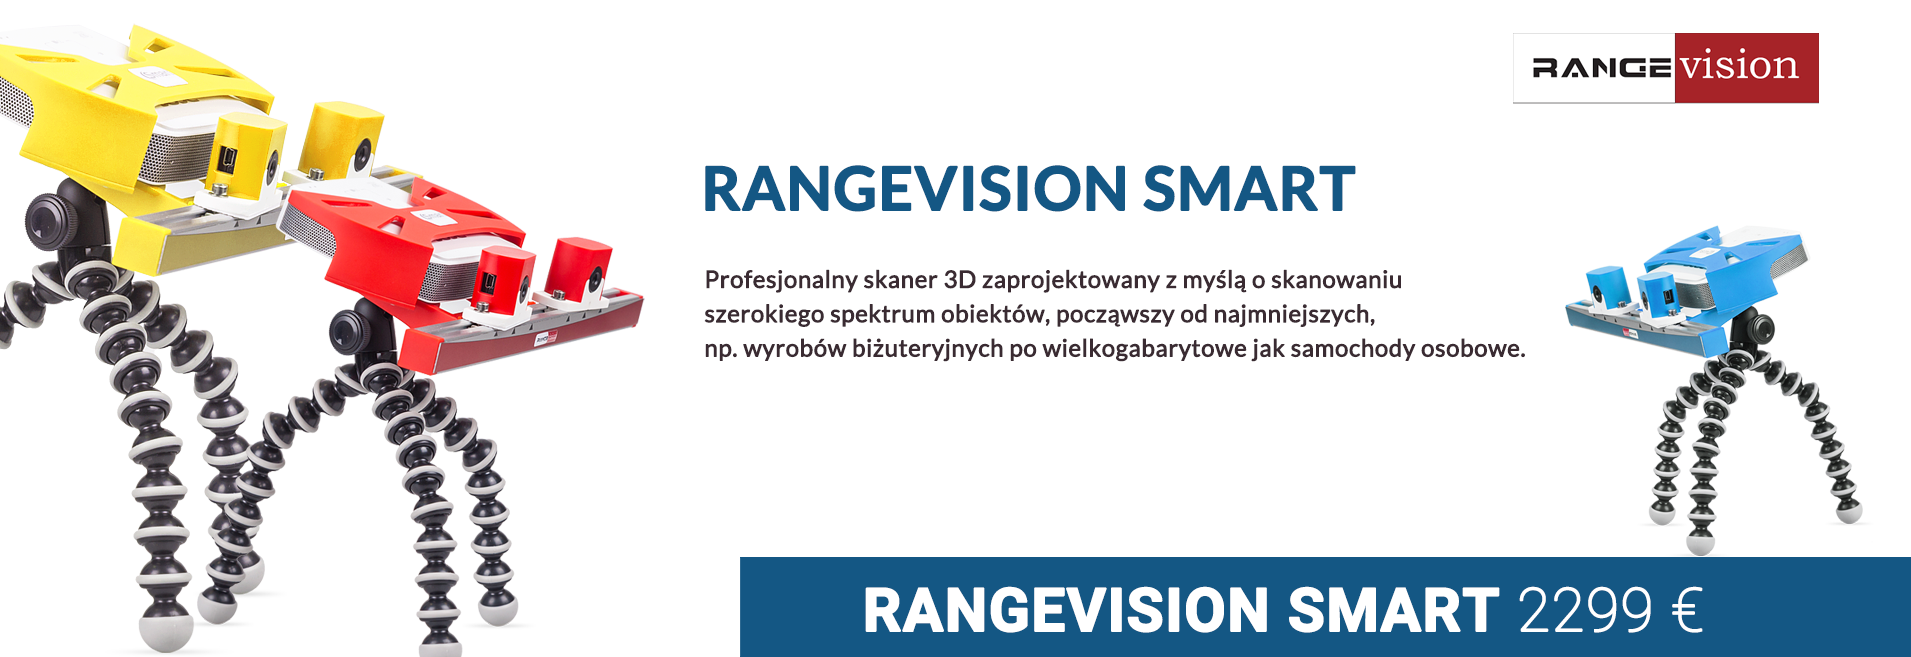 RangeVision SMART - Skanery 3D